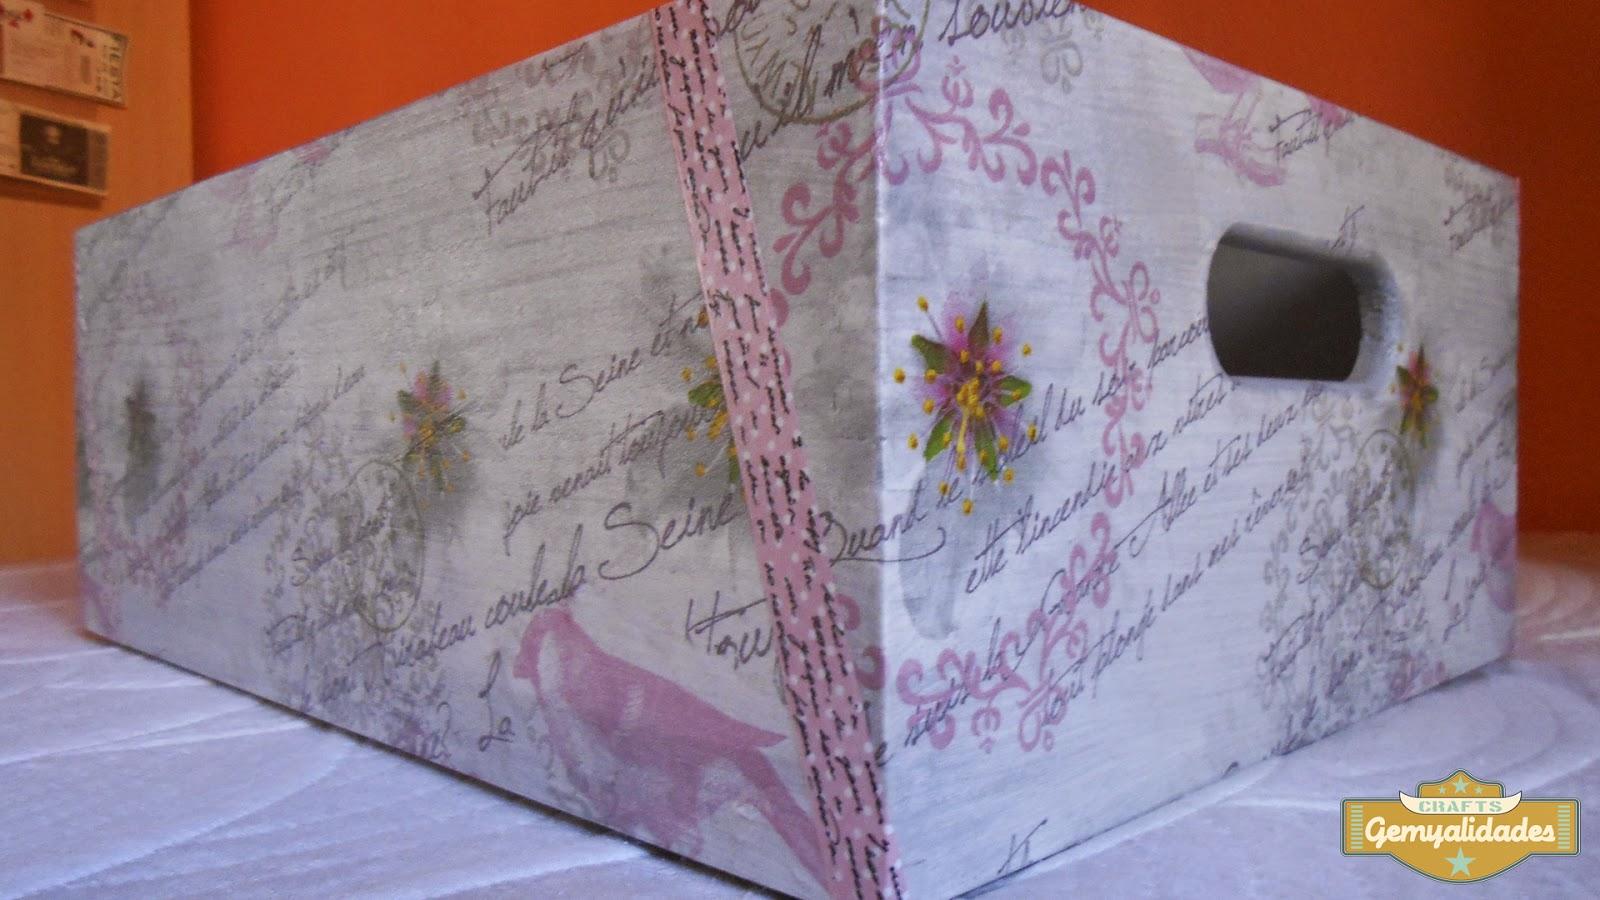 Gemyalidades: Cómo decorar cajas apilables para ordenar nuestras